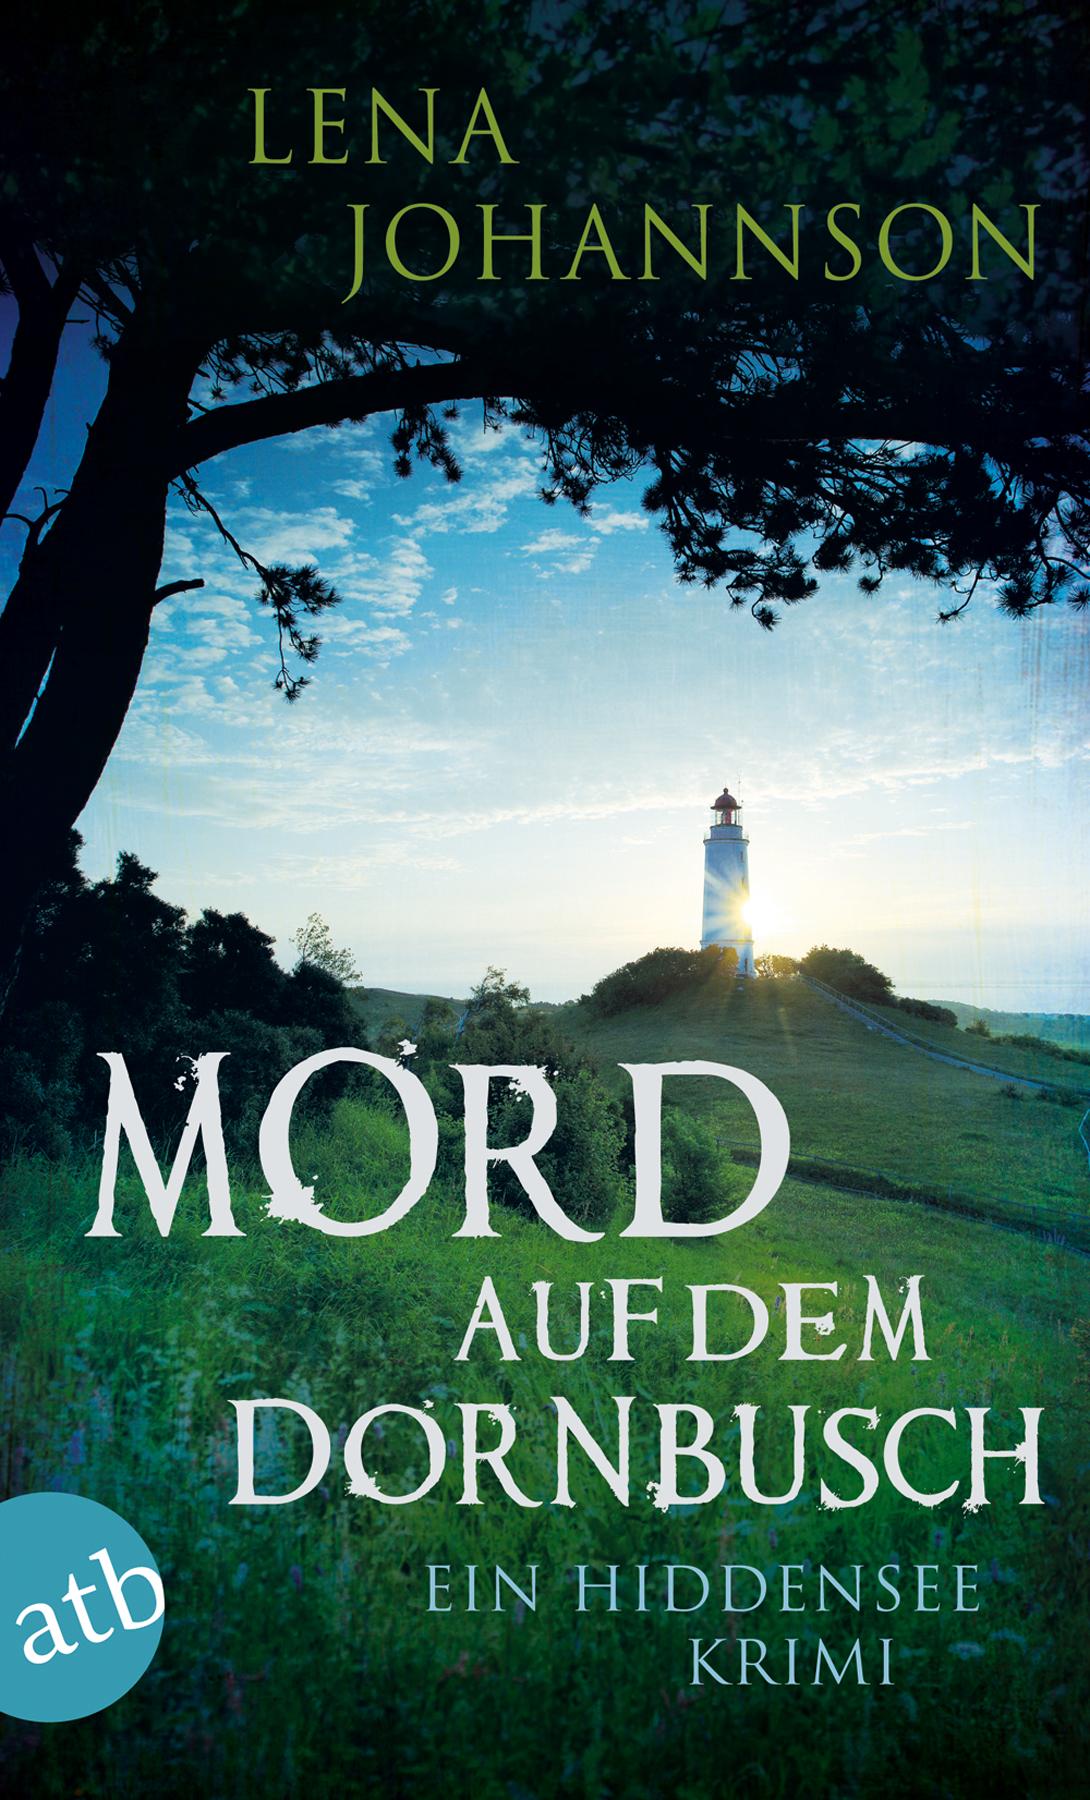 Mord auf dem Dornbusch von Lena Johannson | Cover: aufbau Verlag GmbH & Co. KG, Berlin